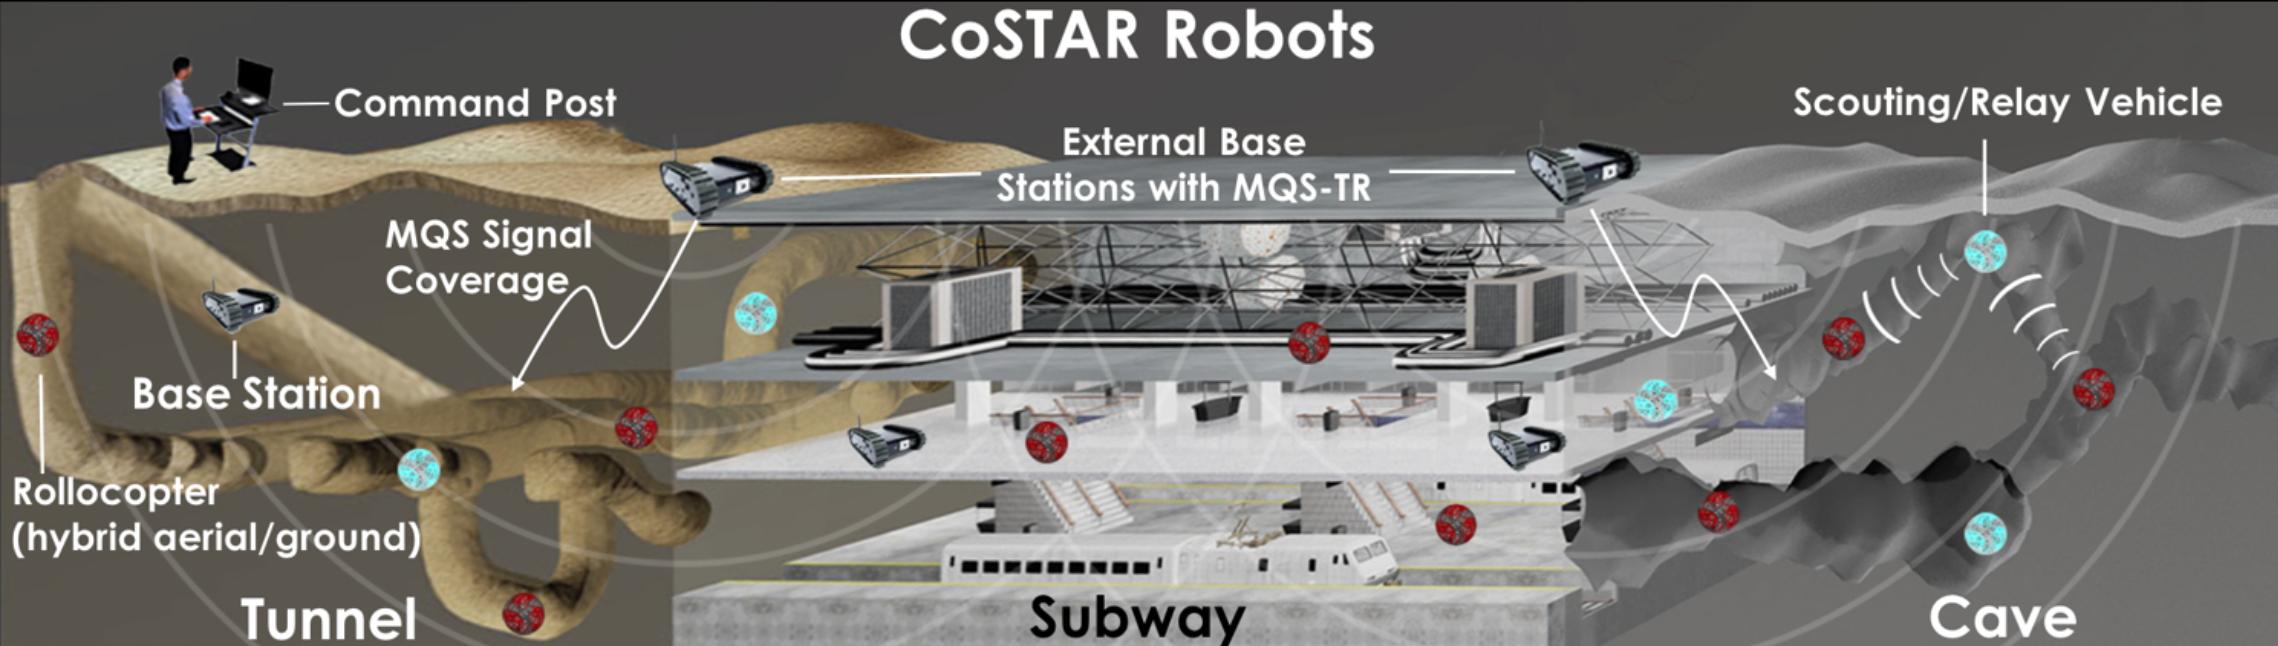 costar_robots.png